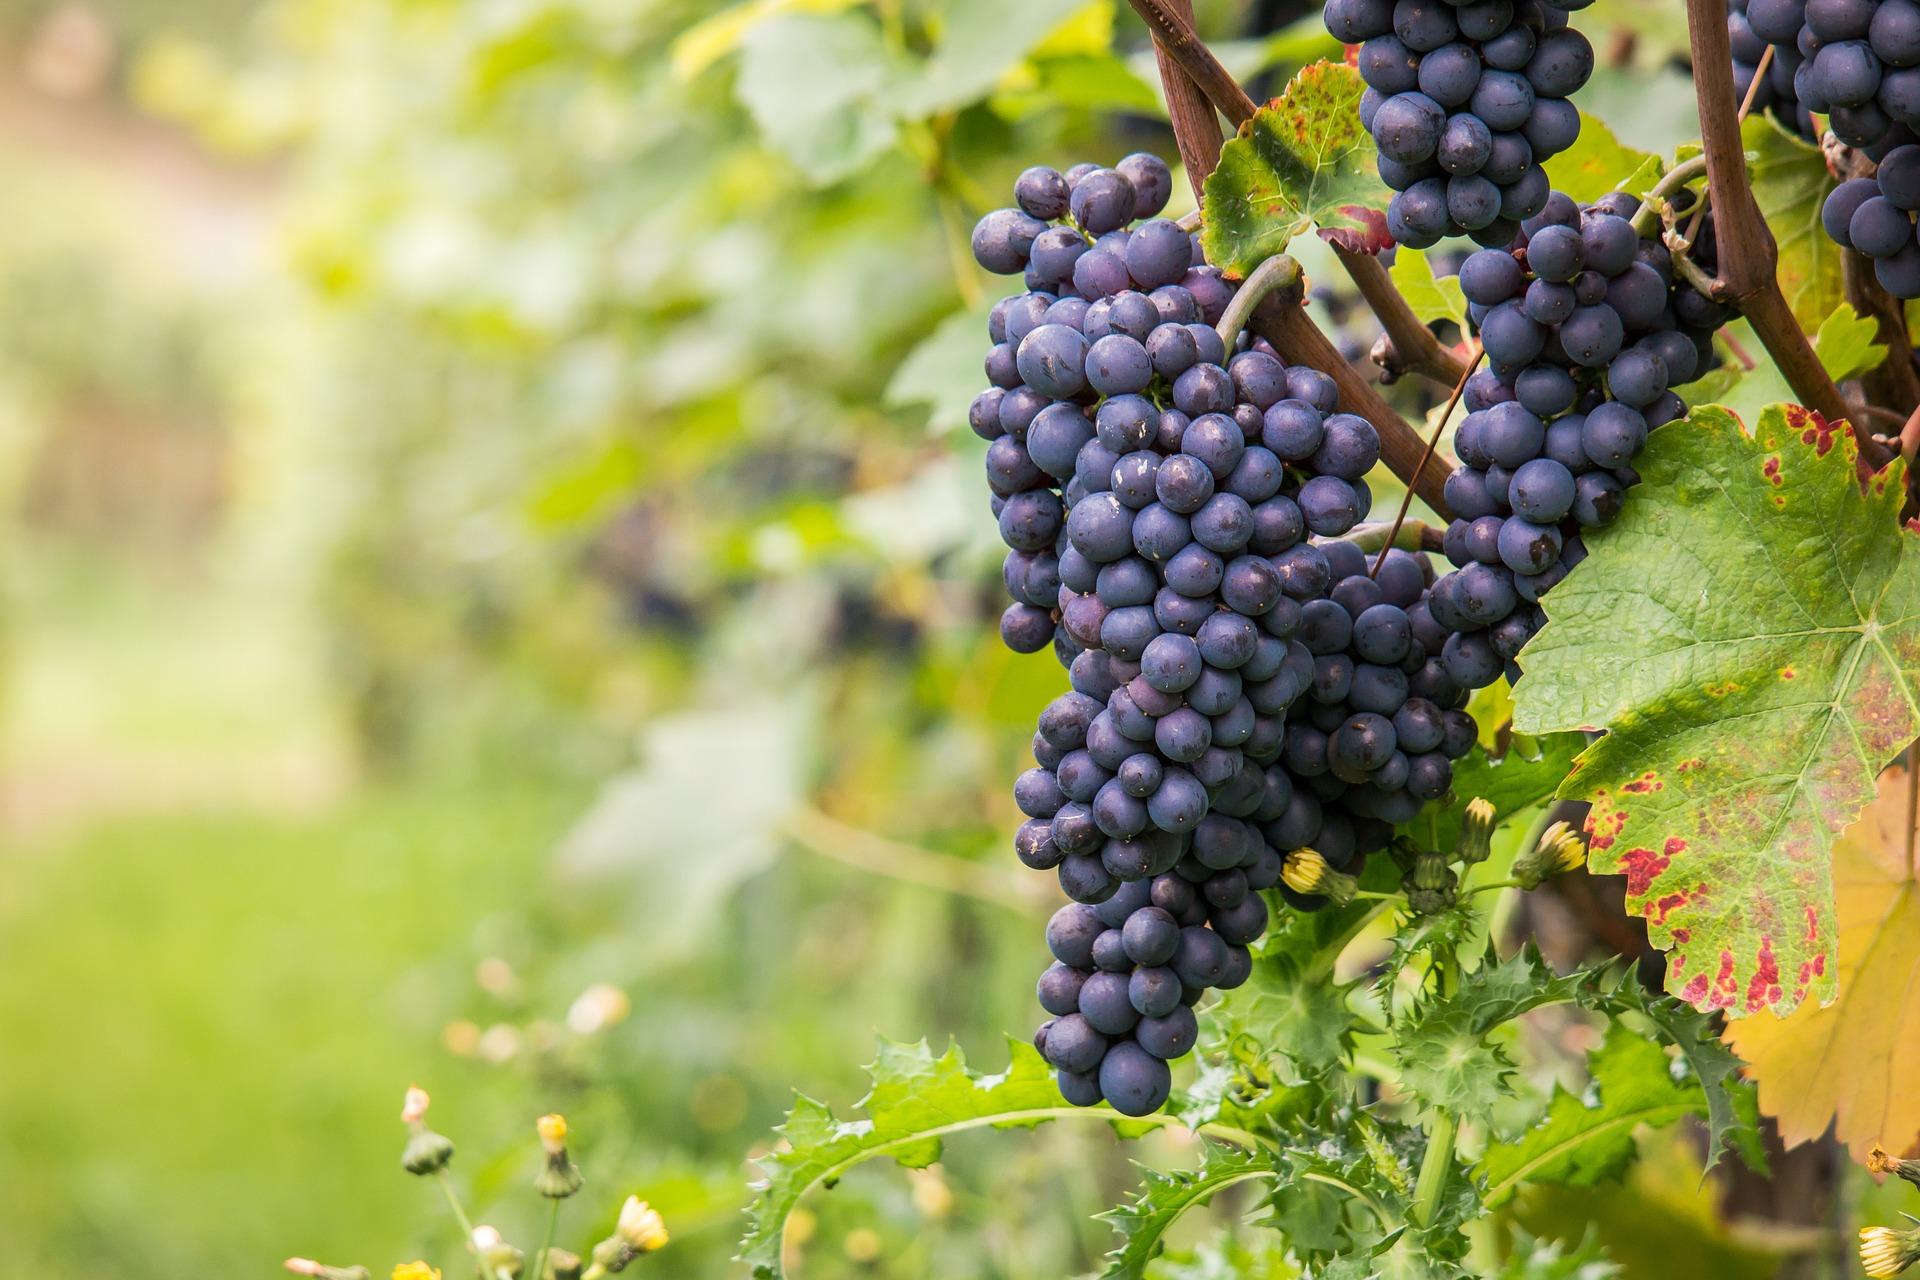 Какие французские виноградники вошли в 50 лучших в мире в 2020 году?